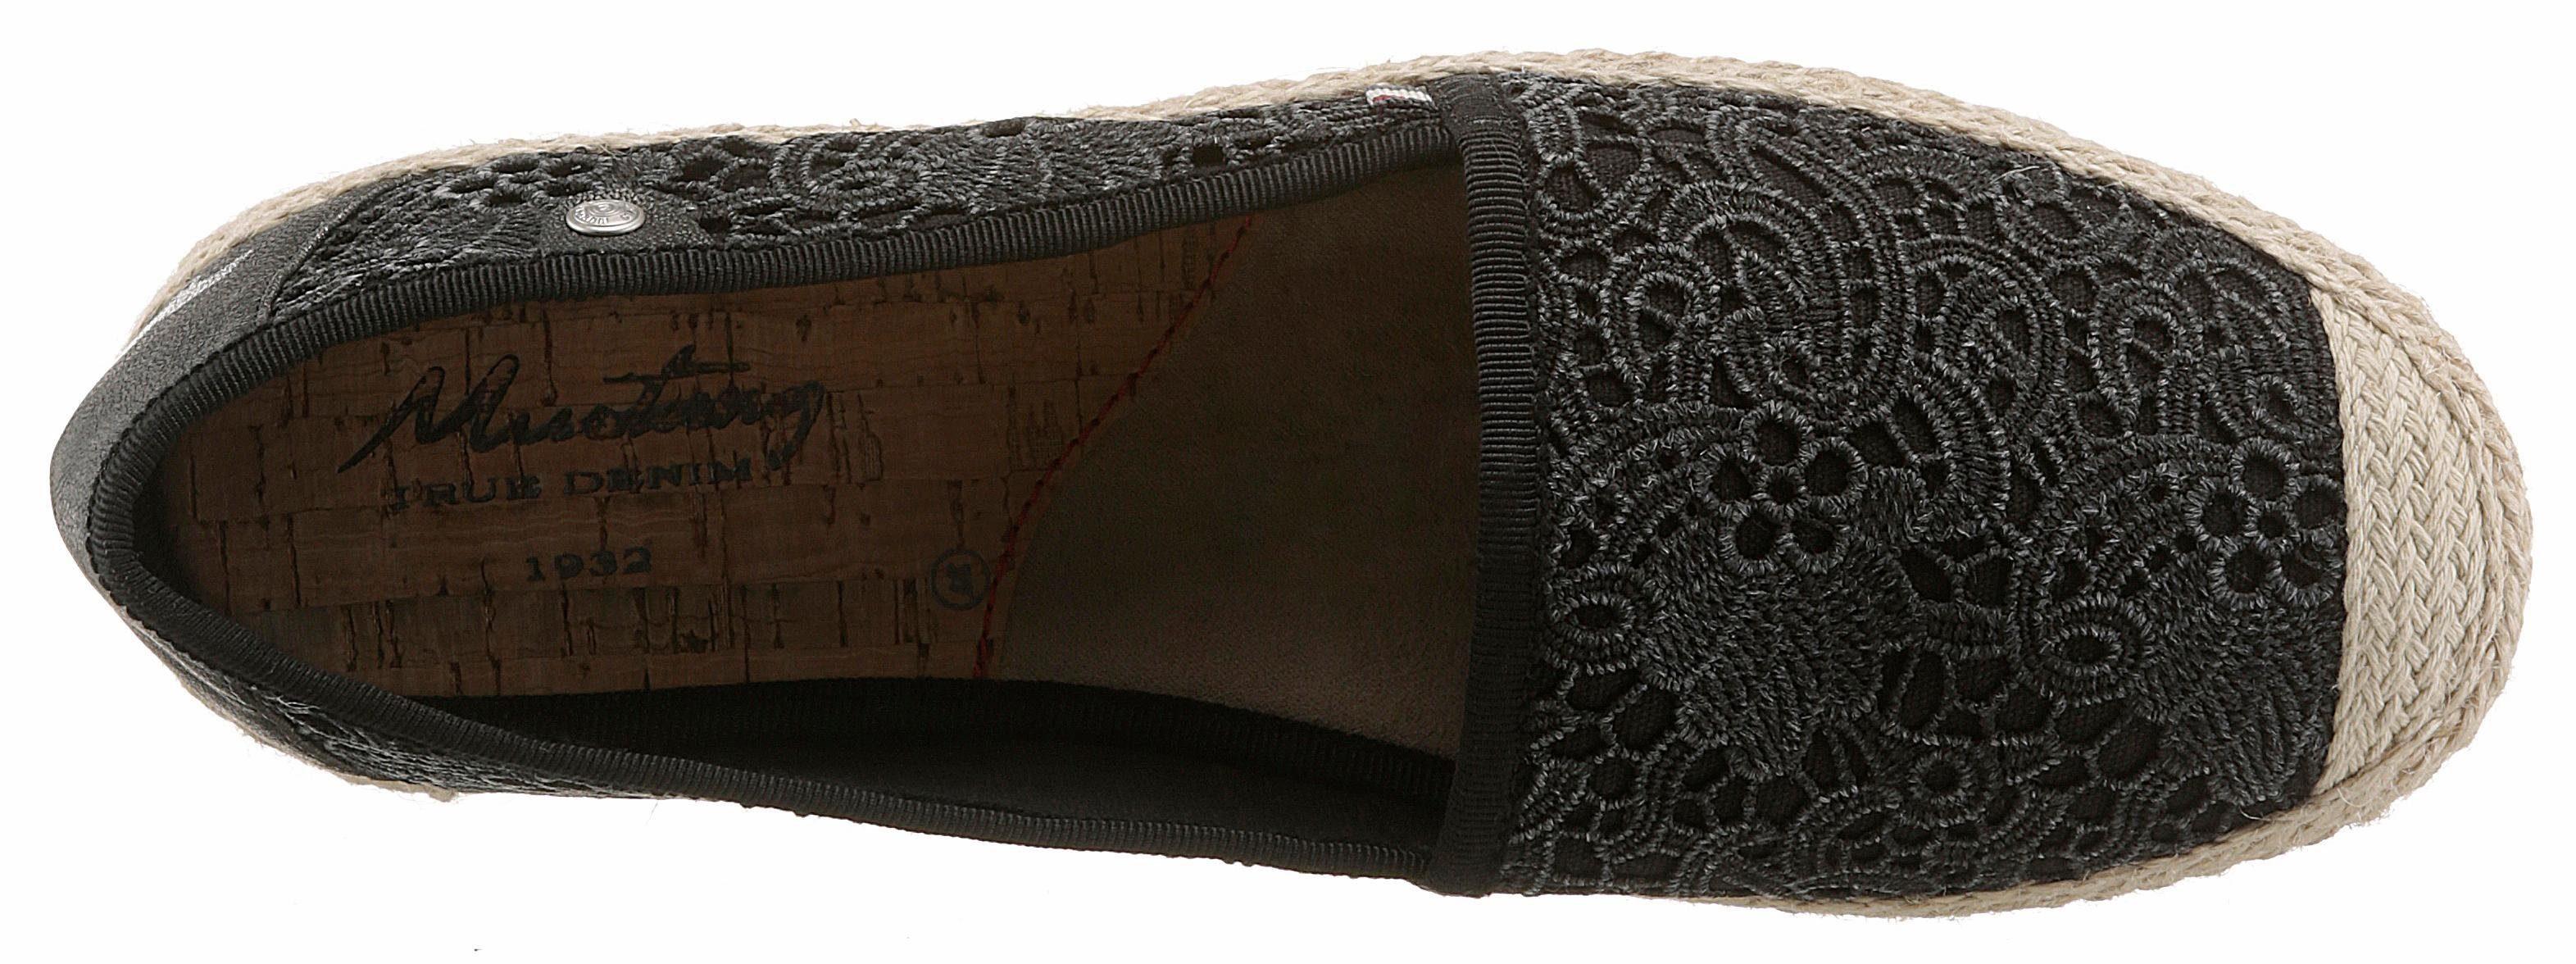 Billig &3878 Makramee-Optik Mustang Shoes Espadrille in Makramee-Optik &3878 9427a9